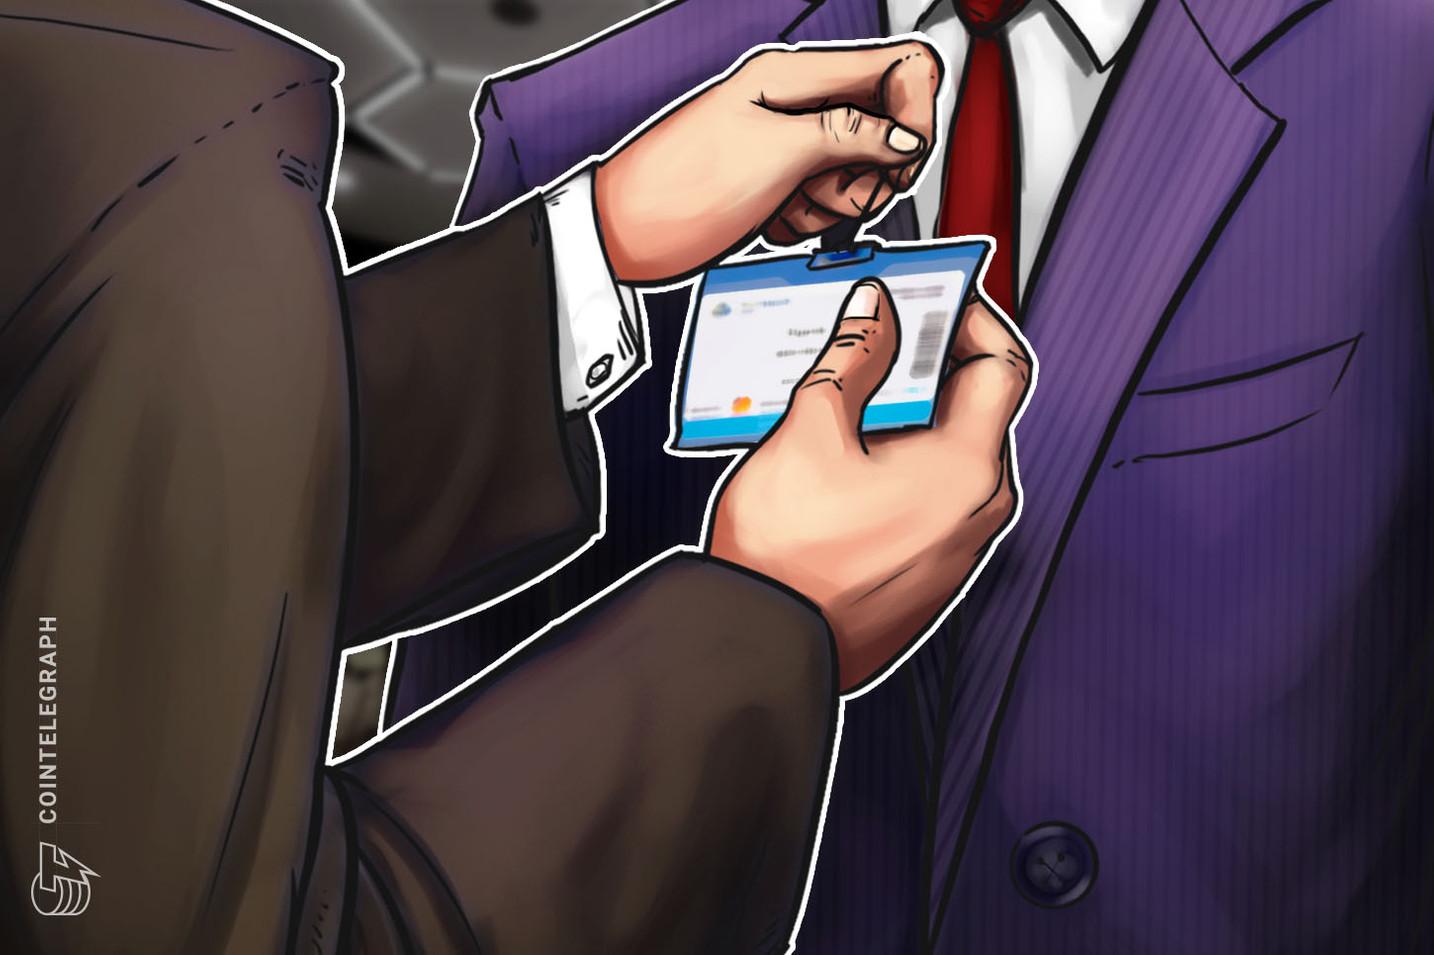 Friss hír: A FinCEN amerikai pénzügyi szabályozó felveszi első digitális devizatanácsadóját